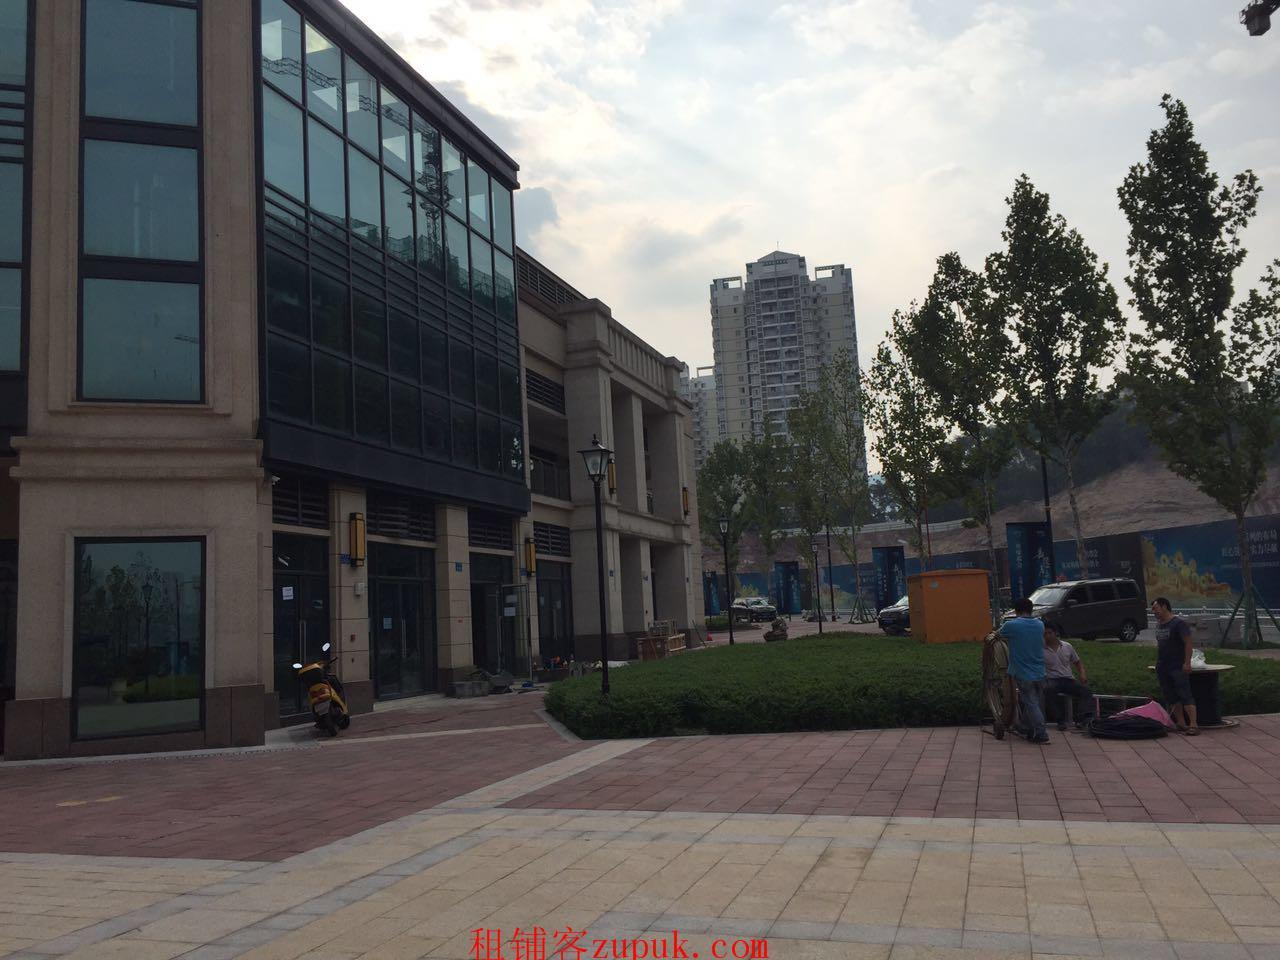 滨江商业招租中,业态不限,免租半年